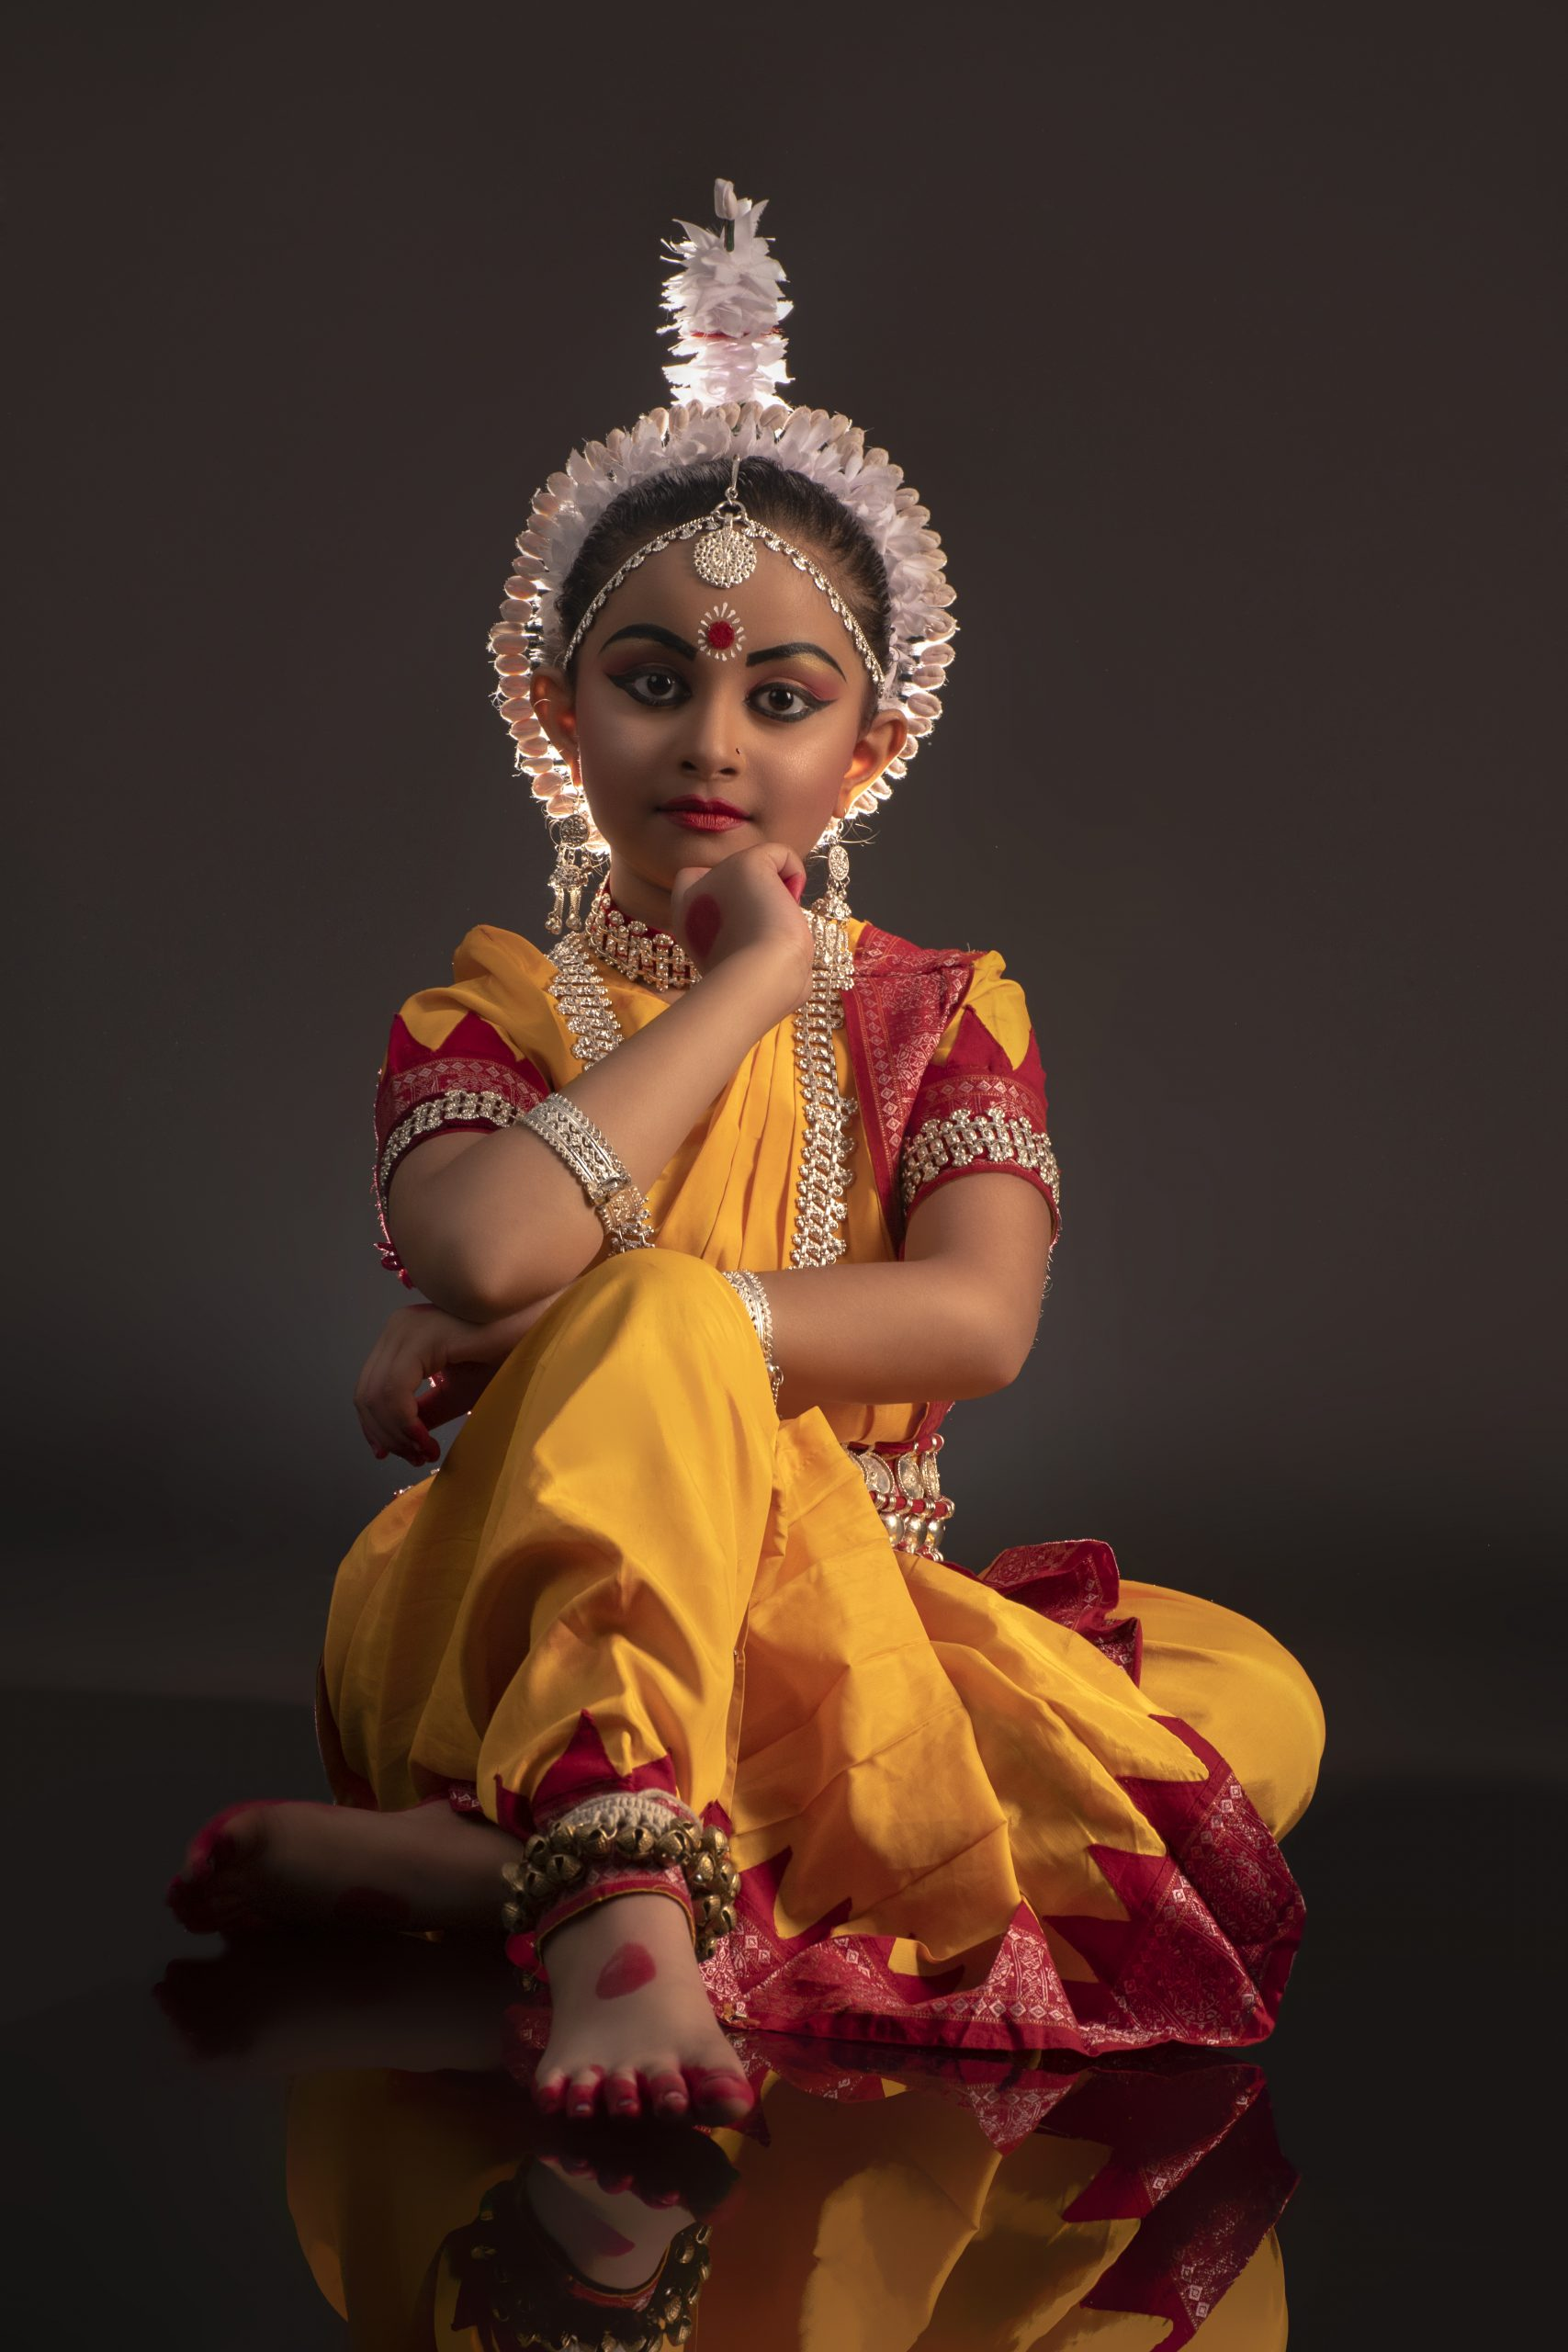 A child dancer